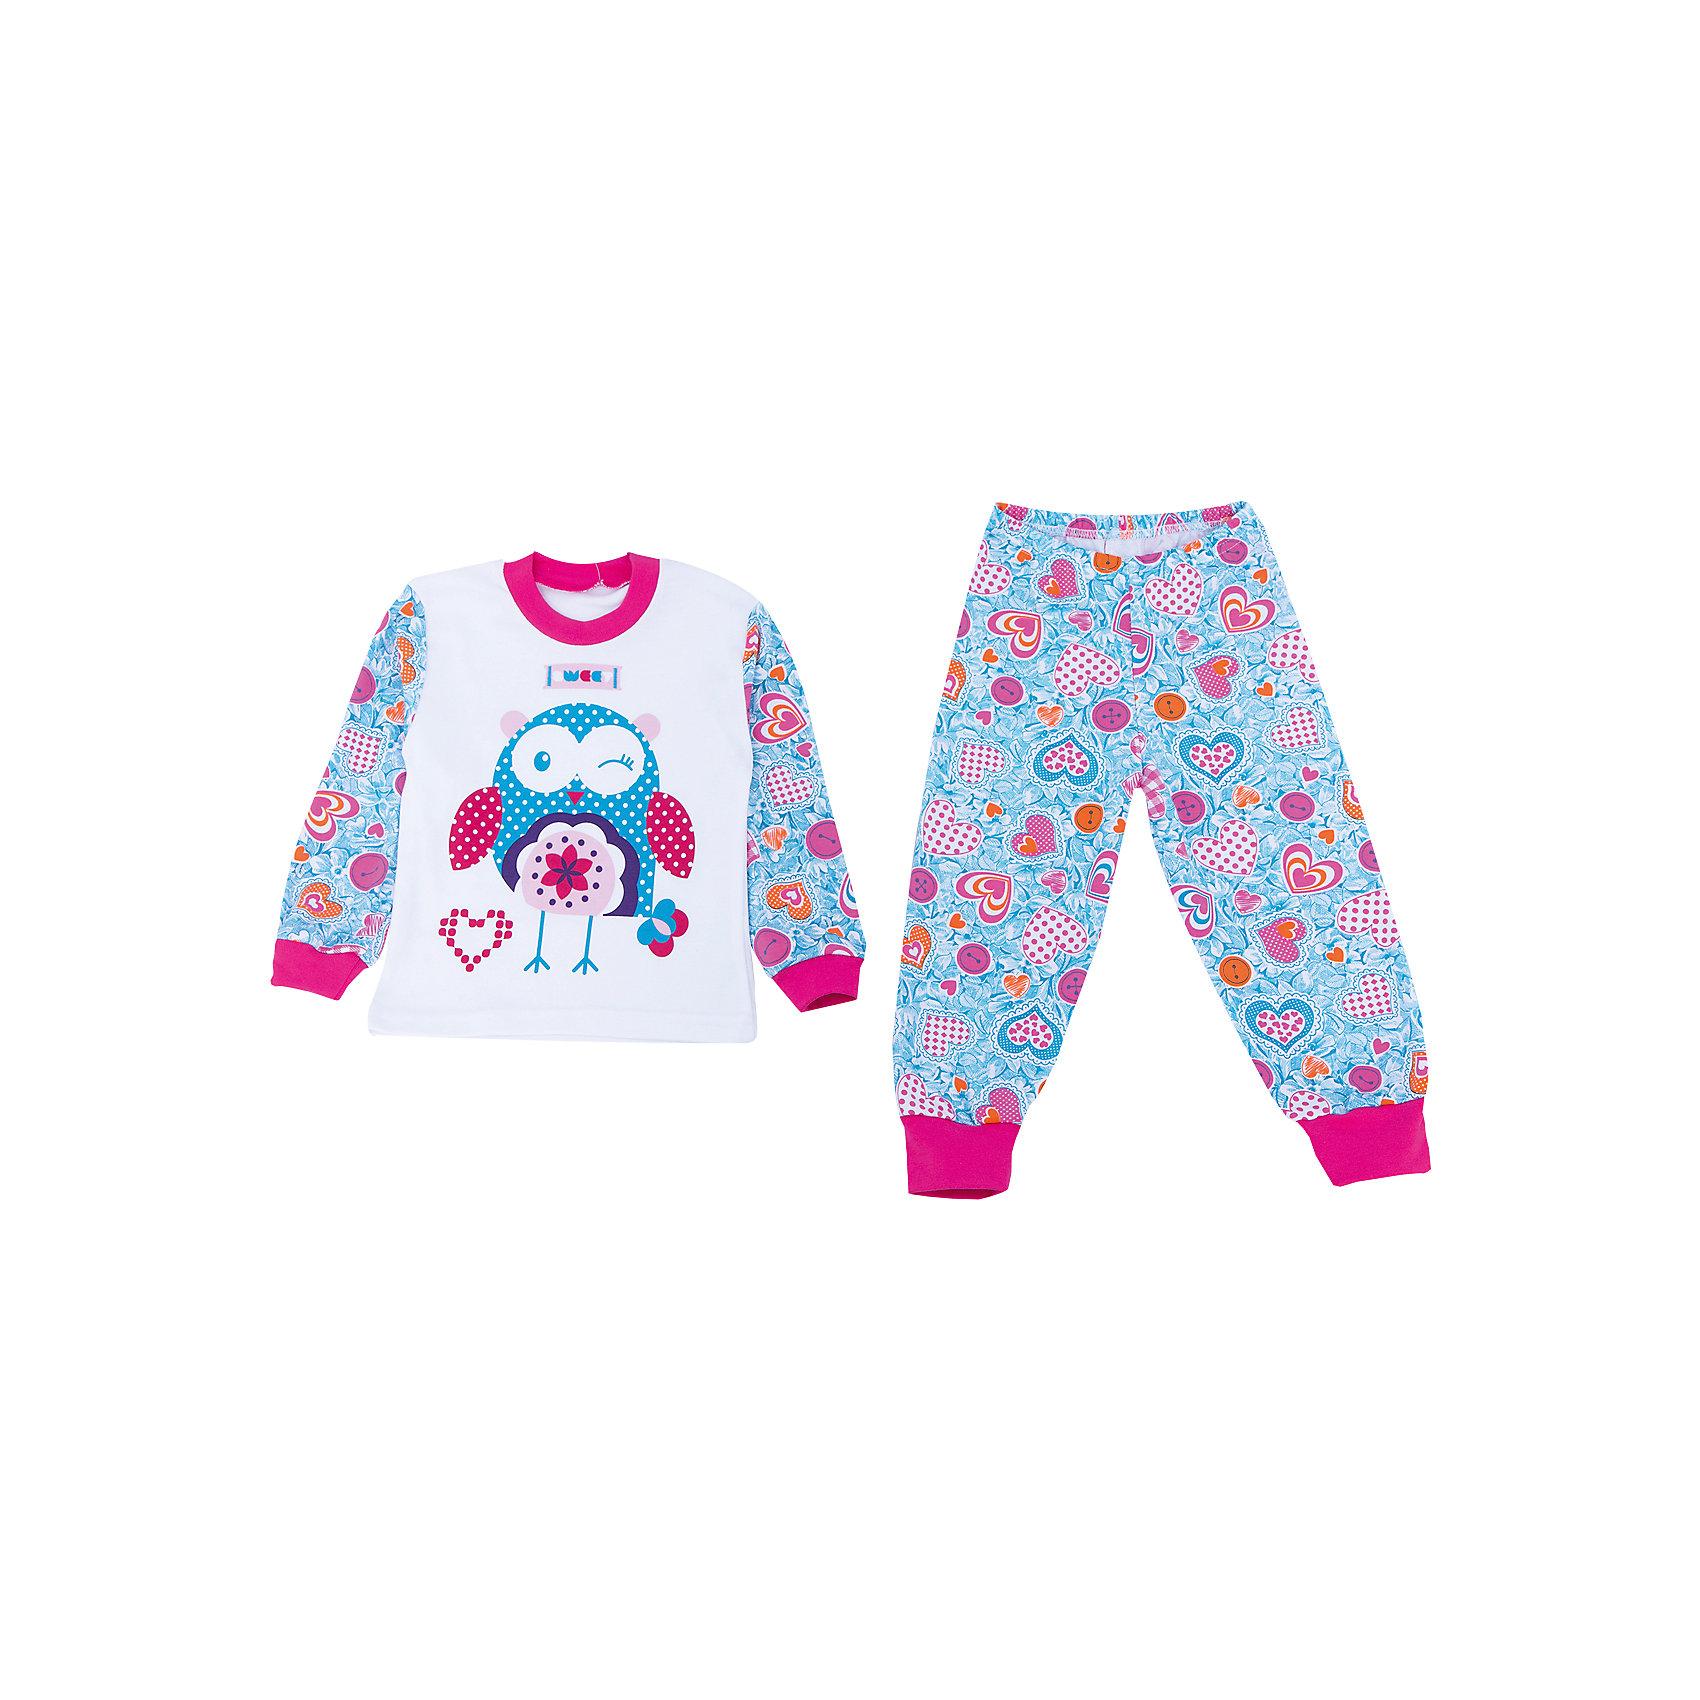 Пижама для девочки АпрельПижама Апрель.<br><br>Характеристики:<br>• материал: хлопок<br>• цвет: голубой<br><br>Яркая пижама от популярной марки Апрель выполнена из мягкого хлопка, приятного телу, что ребенок сможет оценить во время сна. Манжеты не позволят холодному воздуху проникнуть под одежду. Модель украшена ярким рисунком с сердечками и совами. В такой пижаме ваш ребенок увидит самые приятные и яркие сны!<br><br>Купить пижаму Апрель можно в нашем интернет-магазине.<br><br>Ширина мм: 281<br>Глубина мм: 70<br>Высота мм: 188<br>Вес г: 295<br>Цвет: белый/голубой<br>Возраст от месяцев: 60<br>Возраст до месяцев: 72<br>Пол: Женский<br>Возраст: Детский<br>Размер: 116,92,98,104,110<br>SKU: 4936889